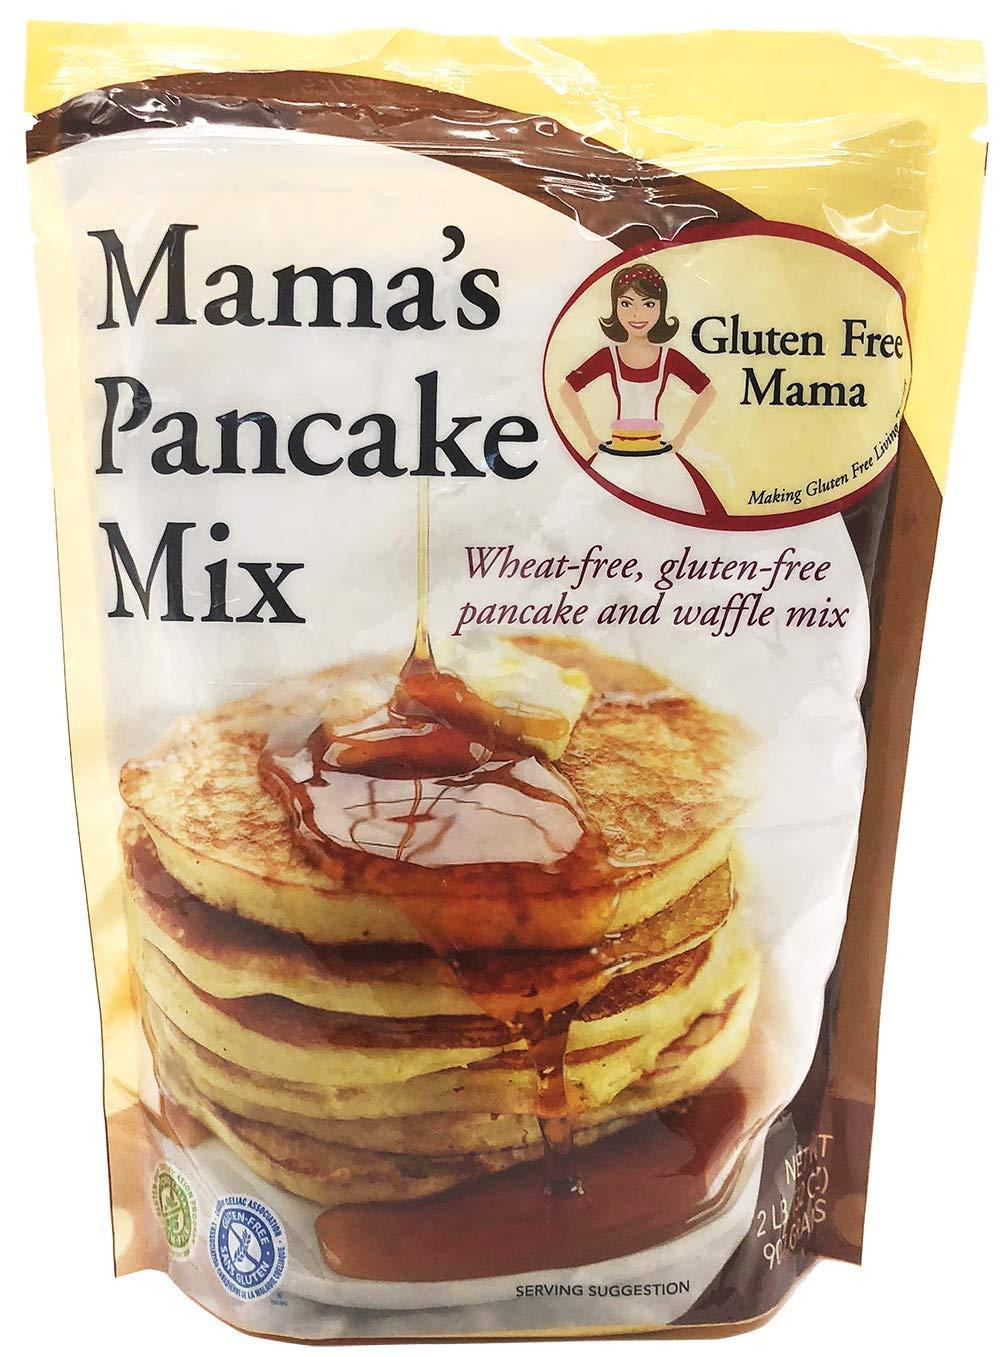 Gluten Free Mama, Mamas Pancake Mix and Waffle Mix, 32 oz ...